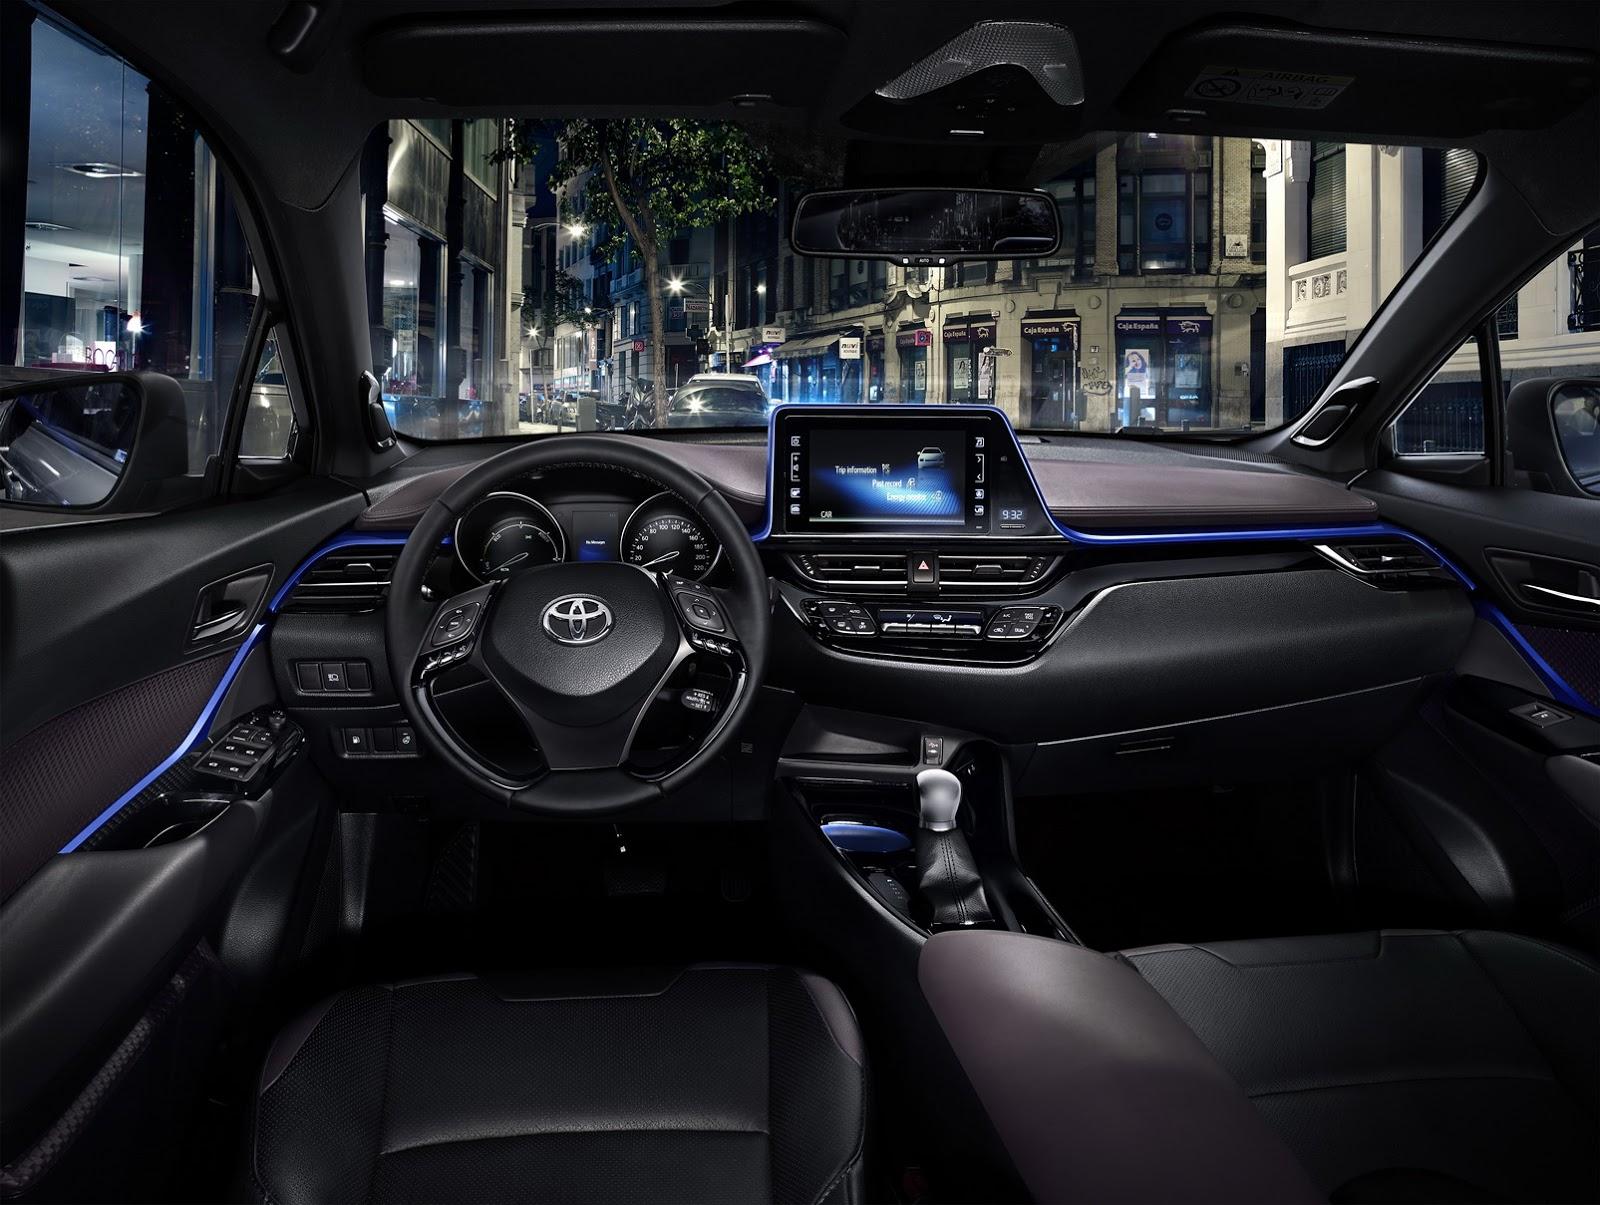 Mãi đến nay, thiết kế nội thất của Toyota C-HR mới được hé lộ. Trước đó, trong triển lãm Geneva 2016, Toyota C-HR đã được trưng bày với kính màu đen khiến thiết kế nội thất vẫn là bí ẩn lớn.